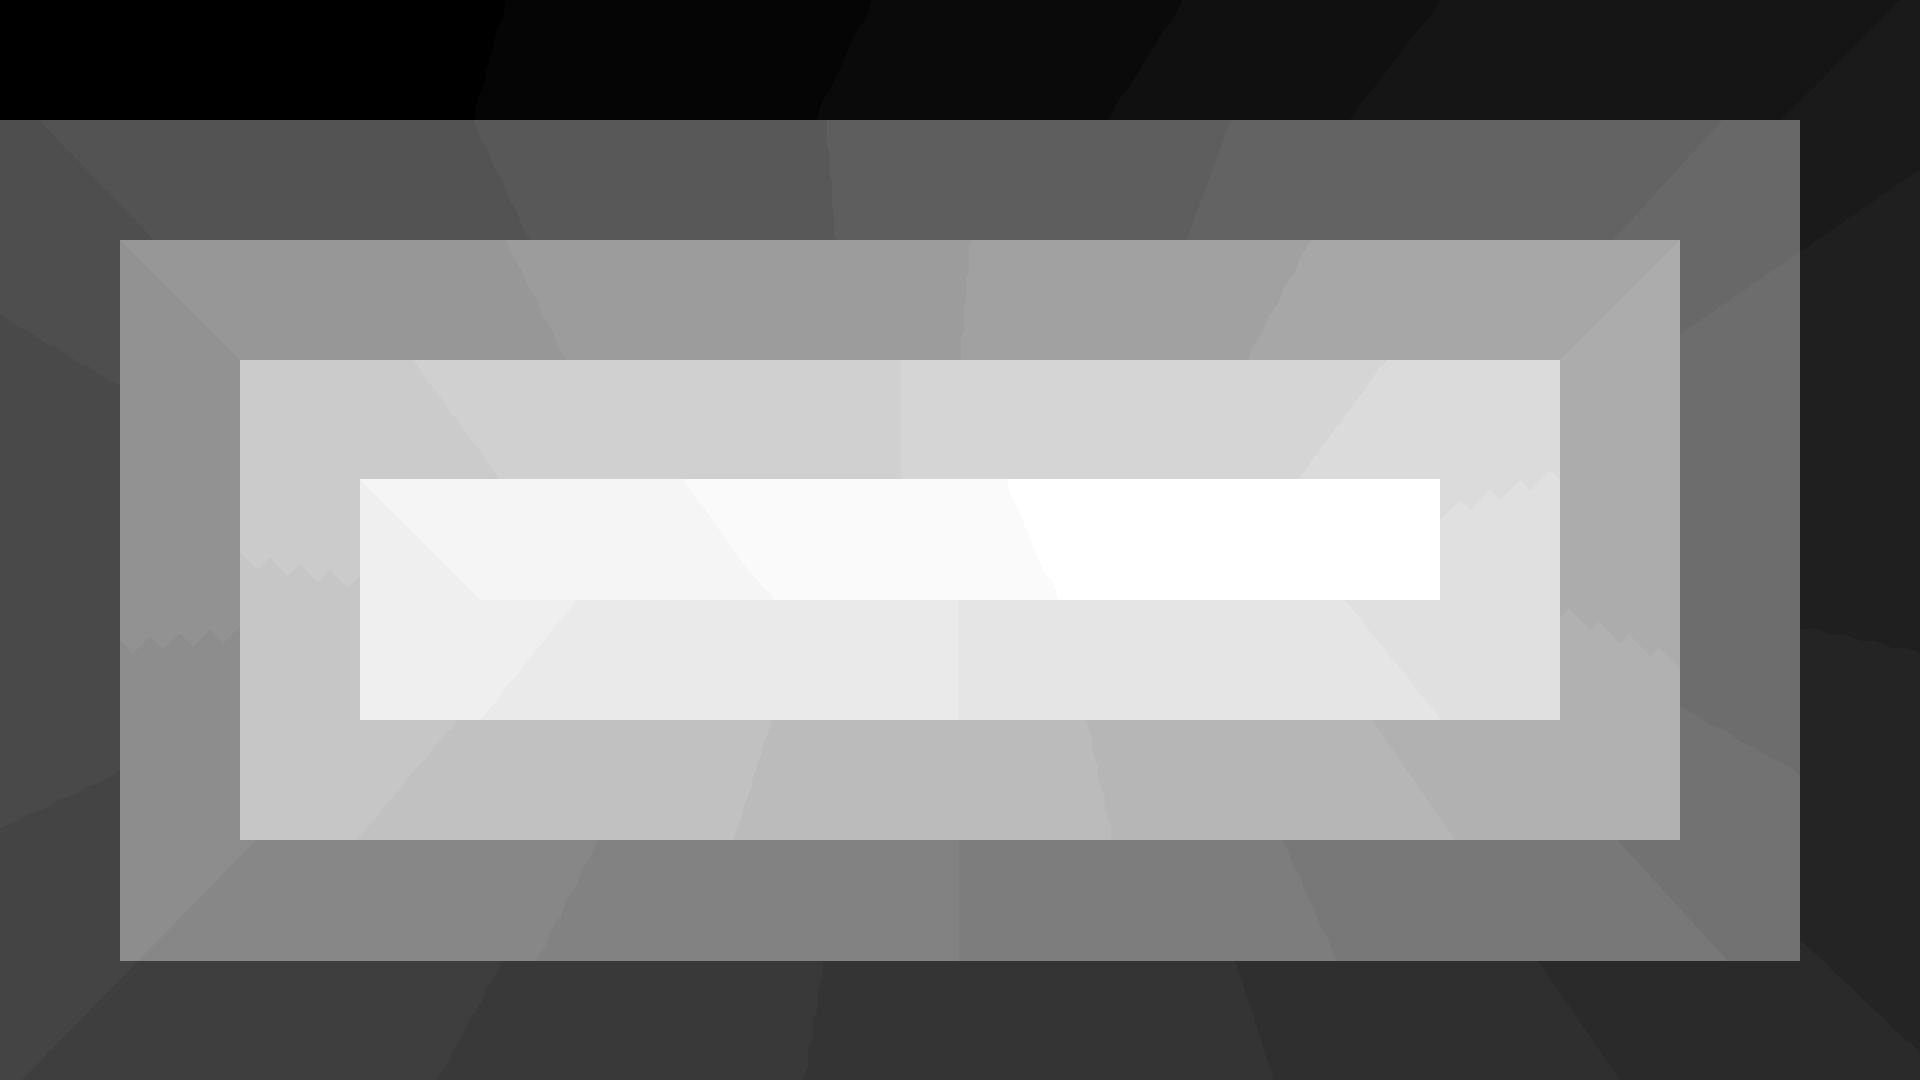 1080p_rule11_1